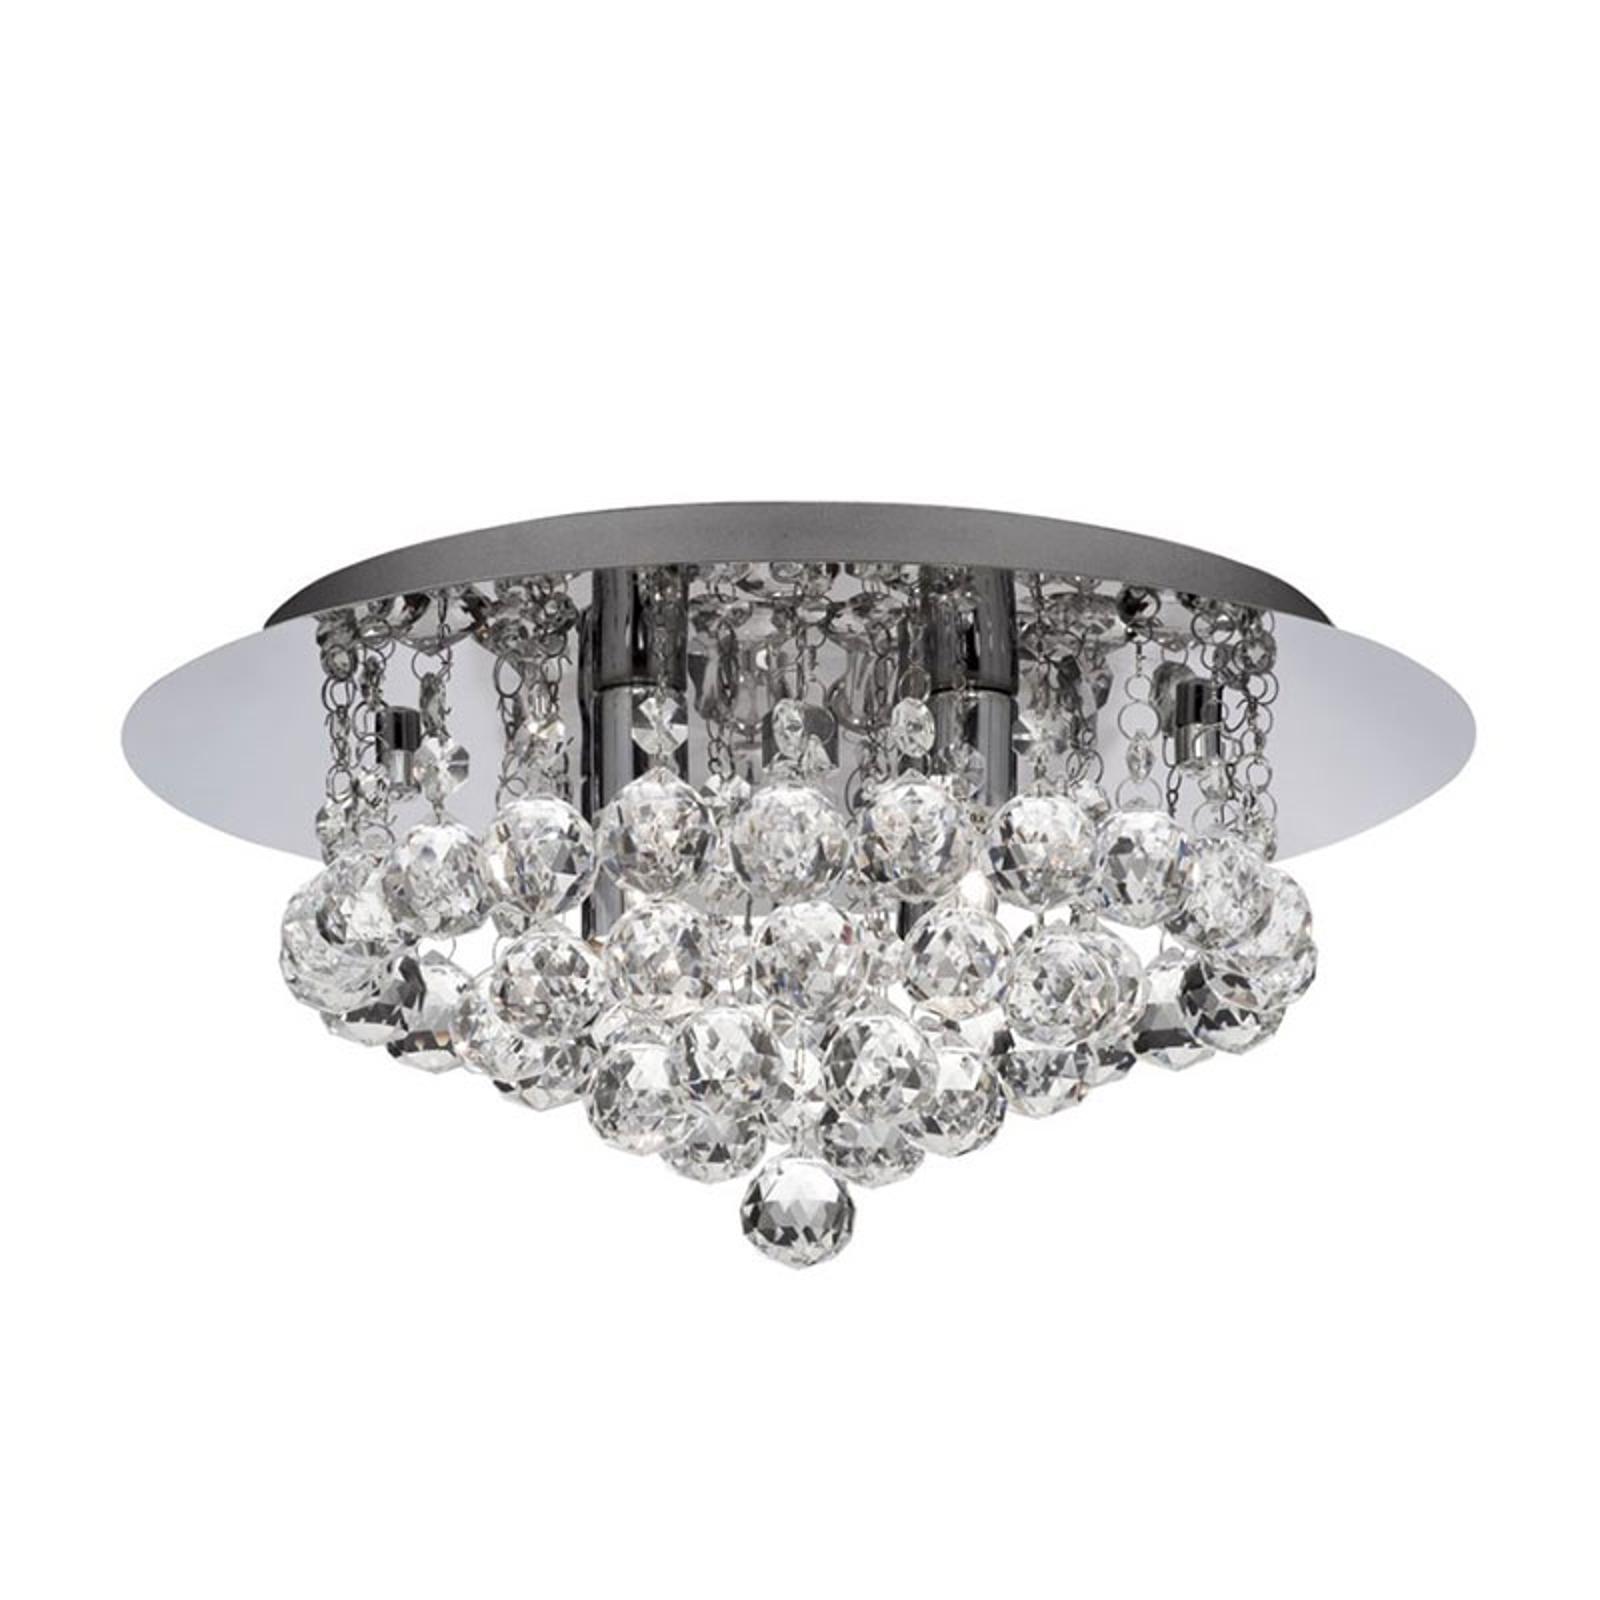 Lampa sufitowa Hanna chrom kryształowe kule, 35cm